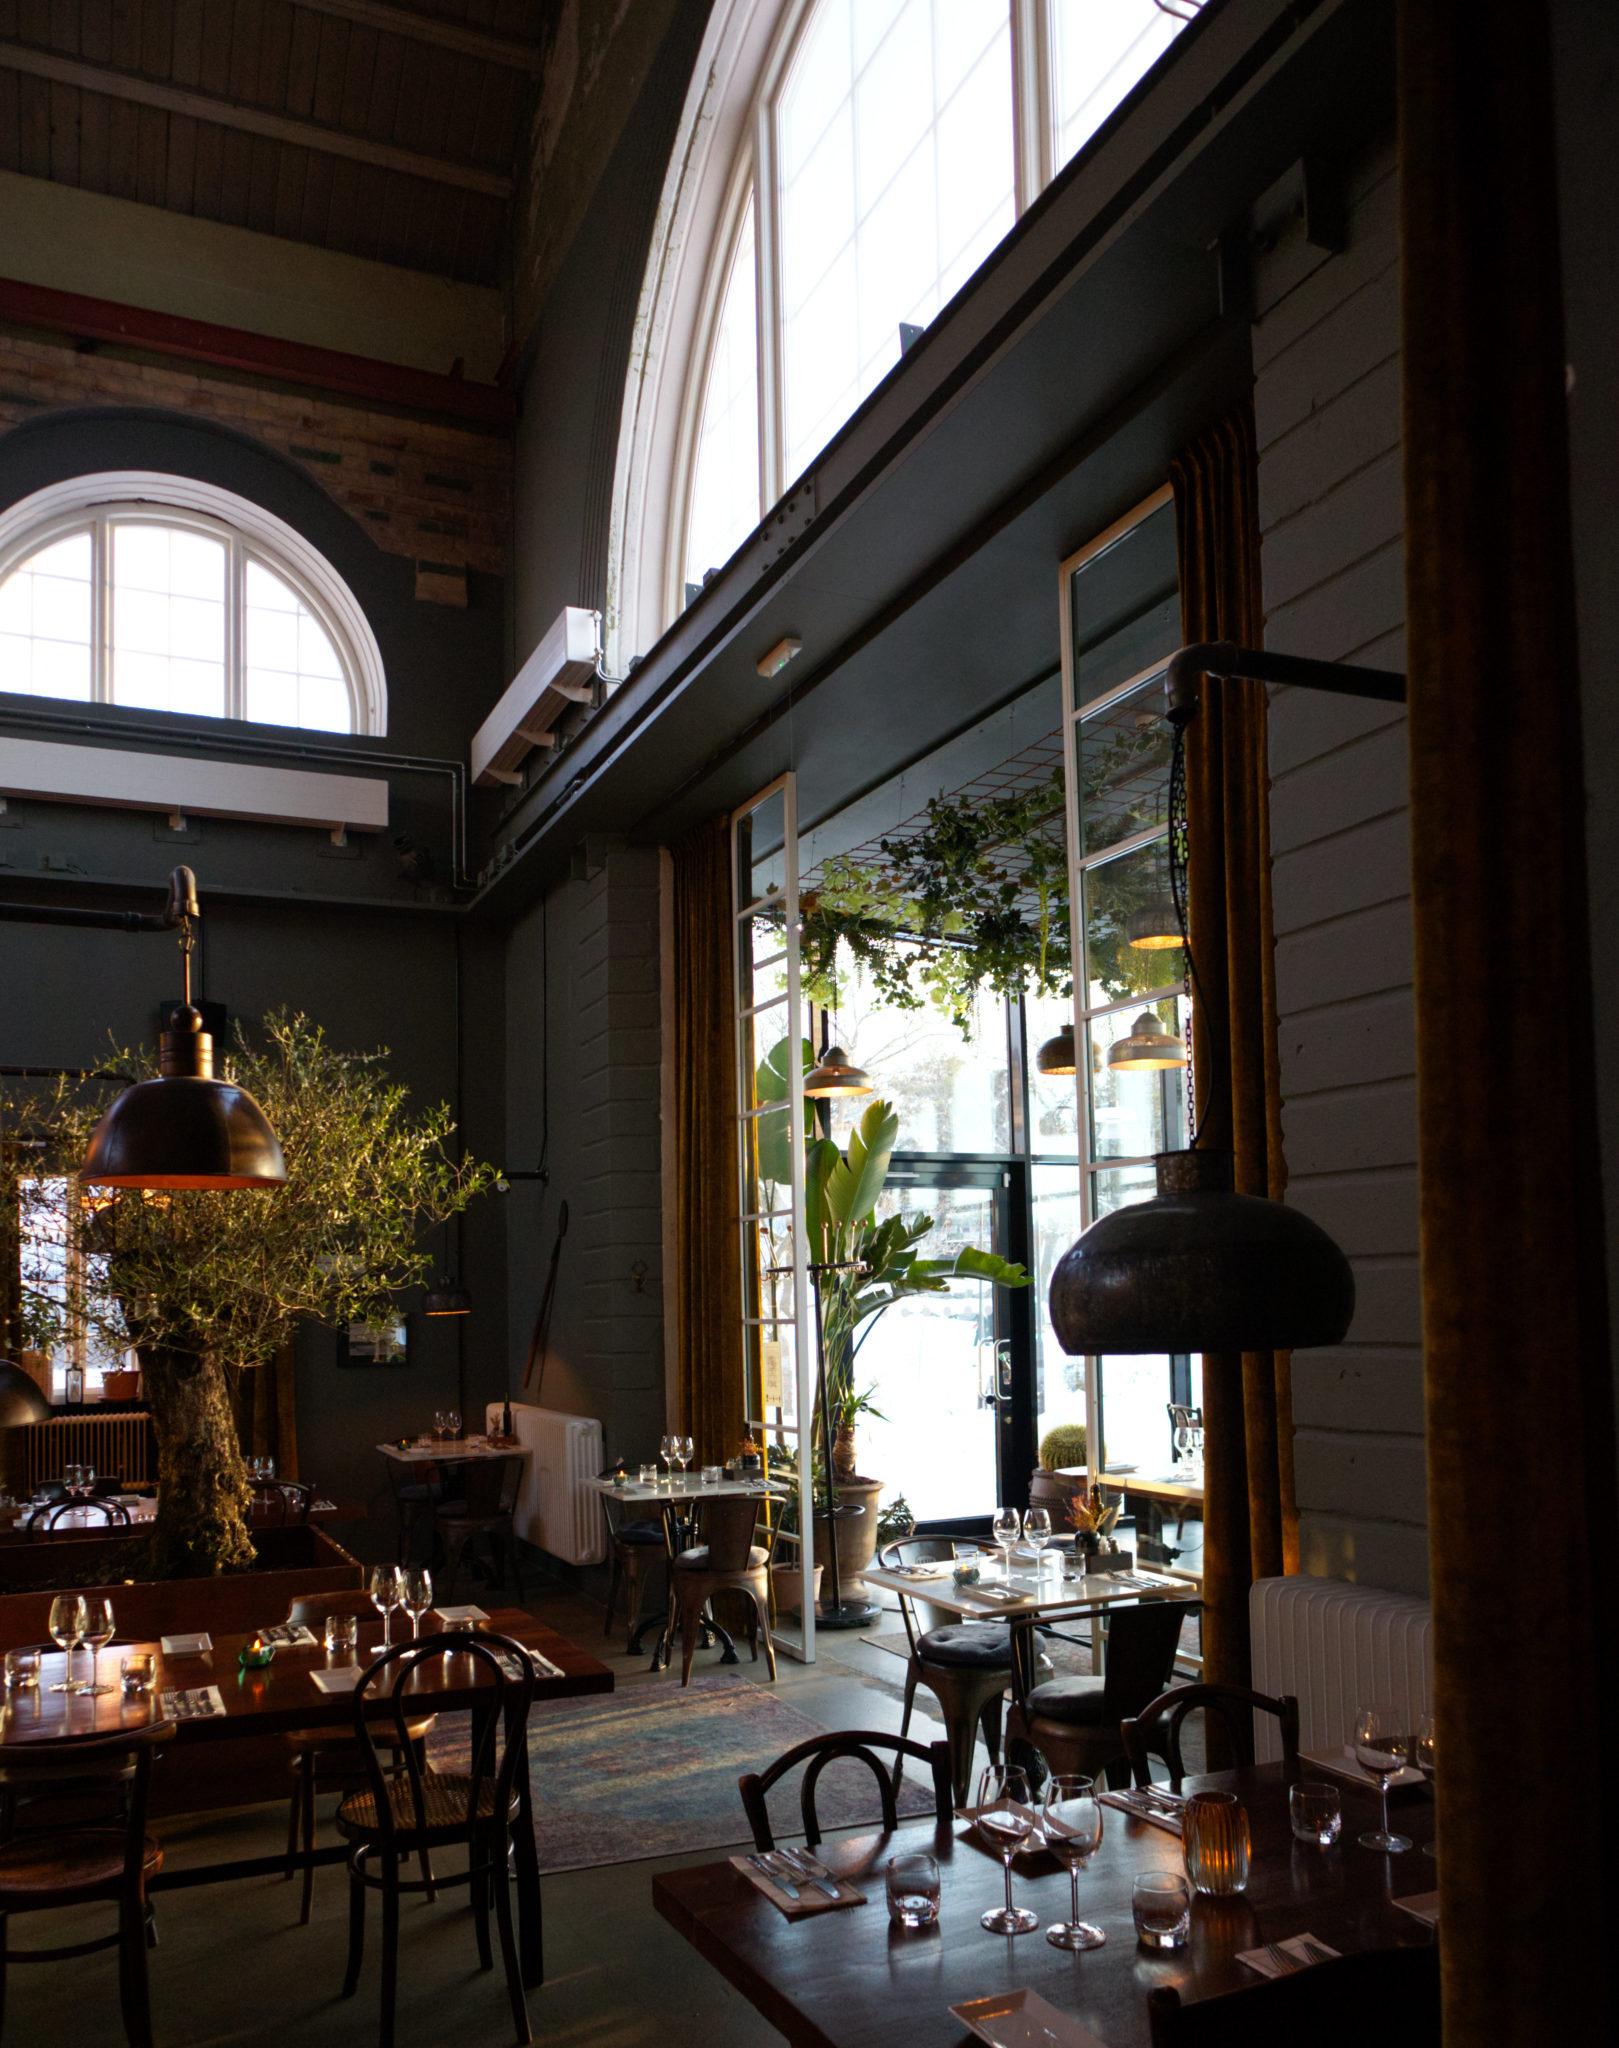 Restaurang med bord i en rustik lokal med högt i tak